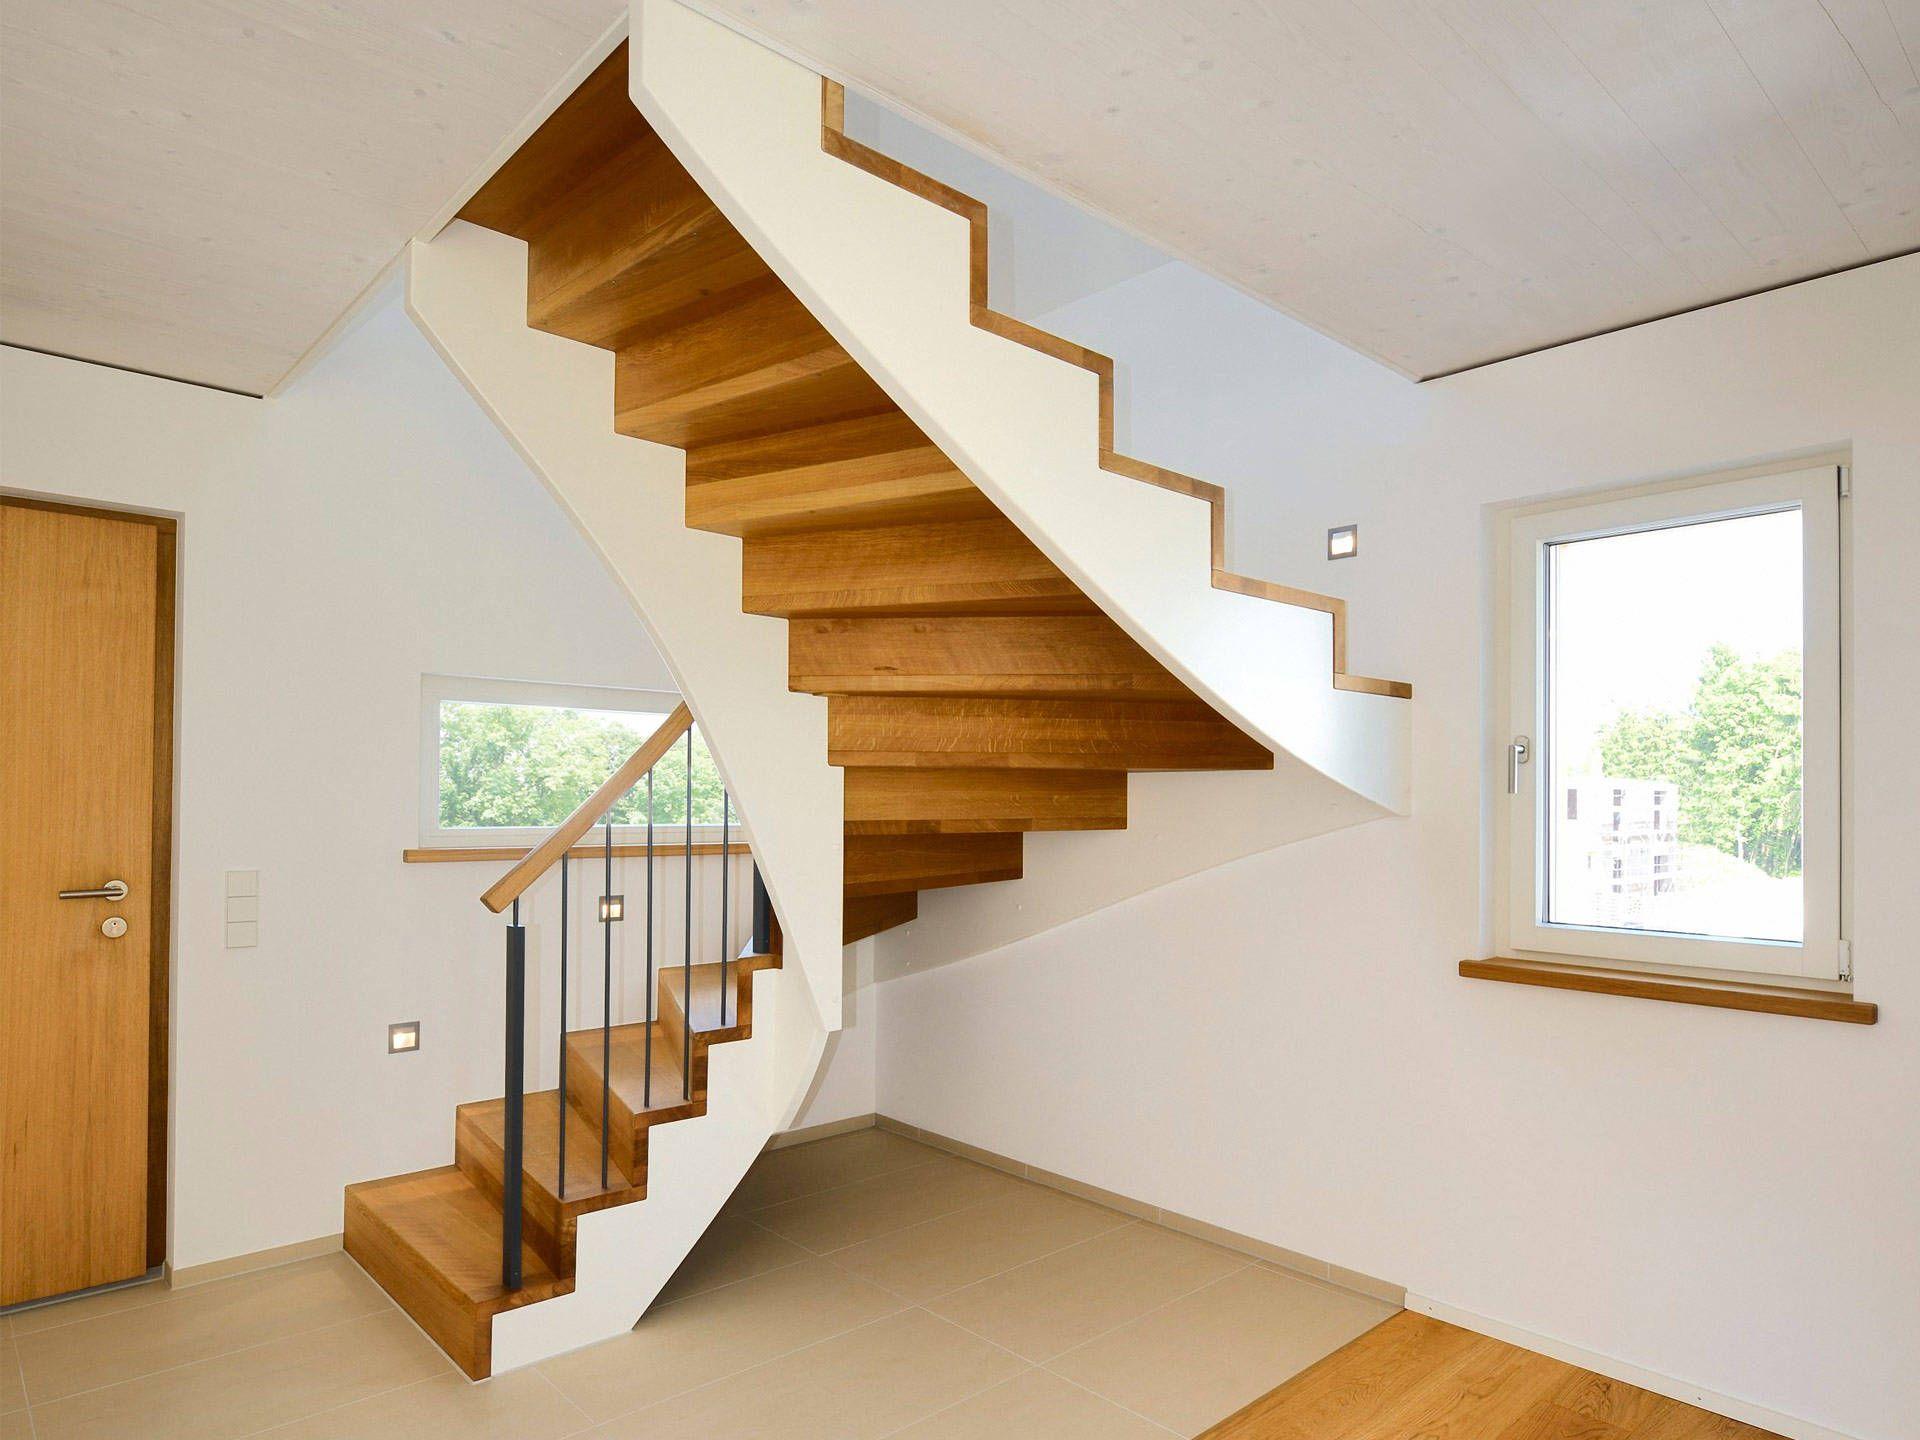 home office mit ausblick design bilder awesome home office. Black Bedroom Furniture Sets. Home Design Ideas